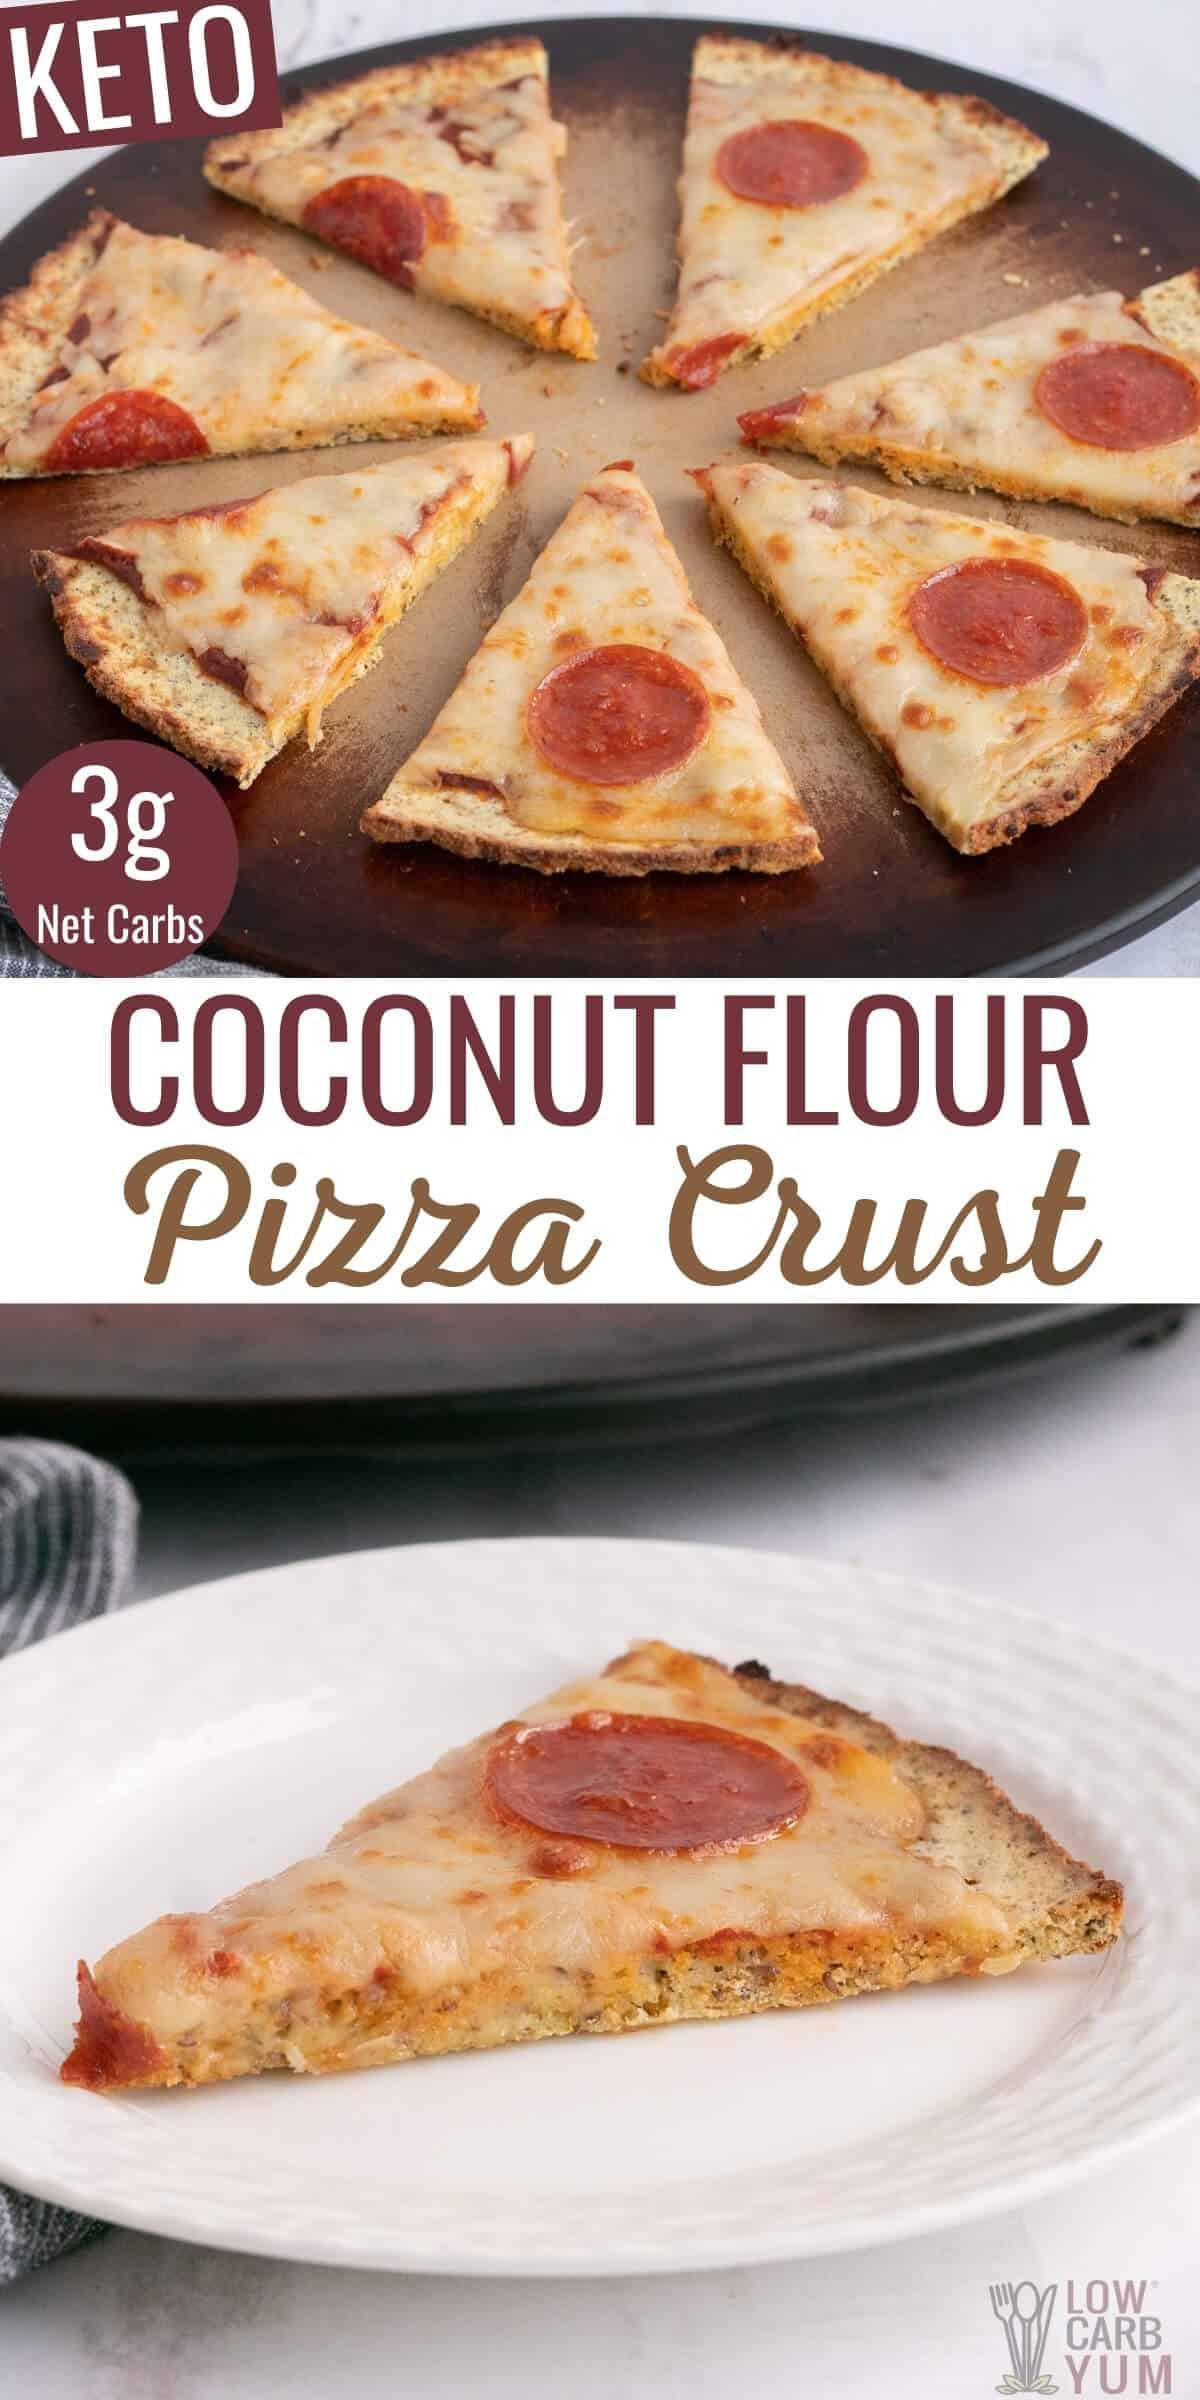 coconut flour pizza crust pinterest image